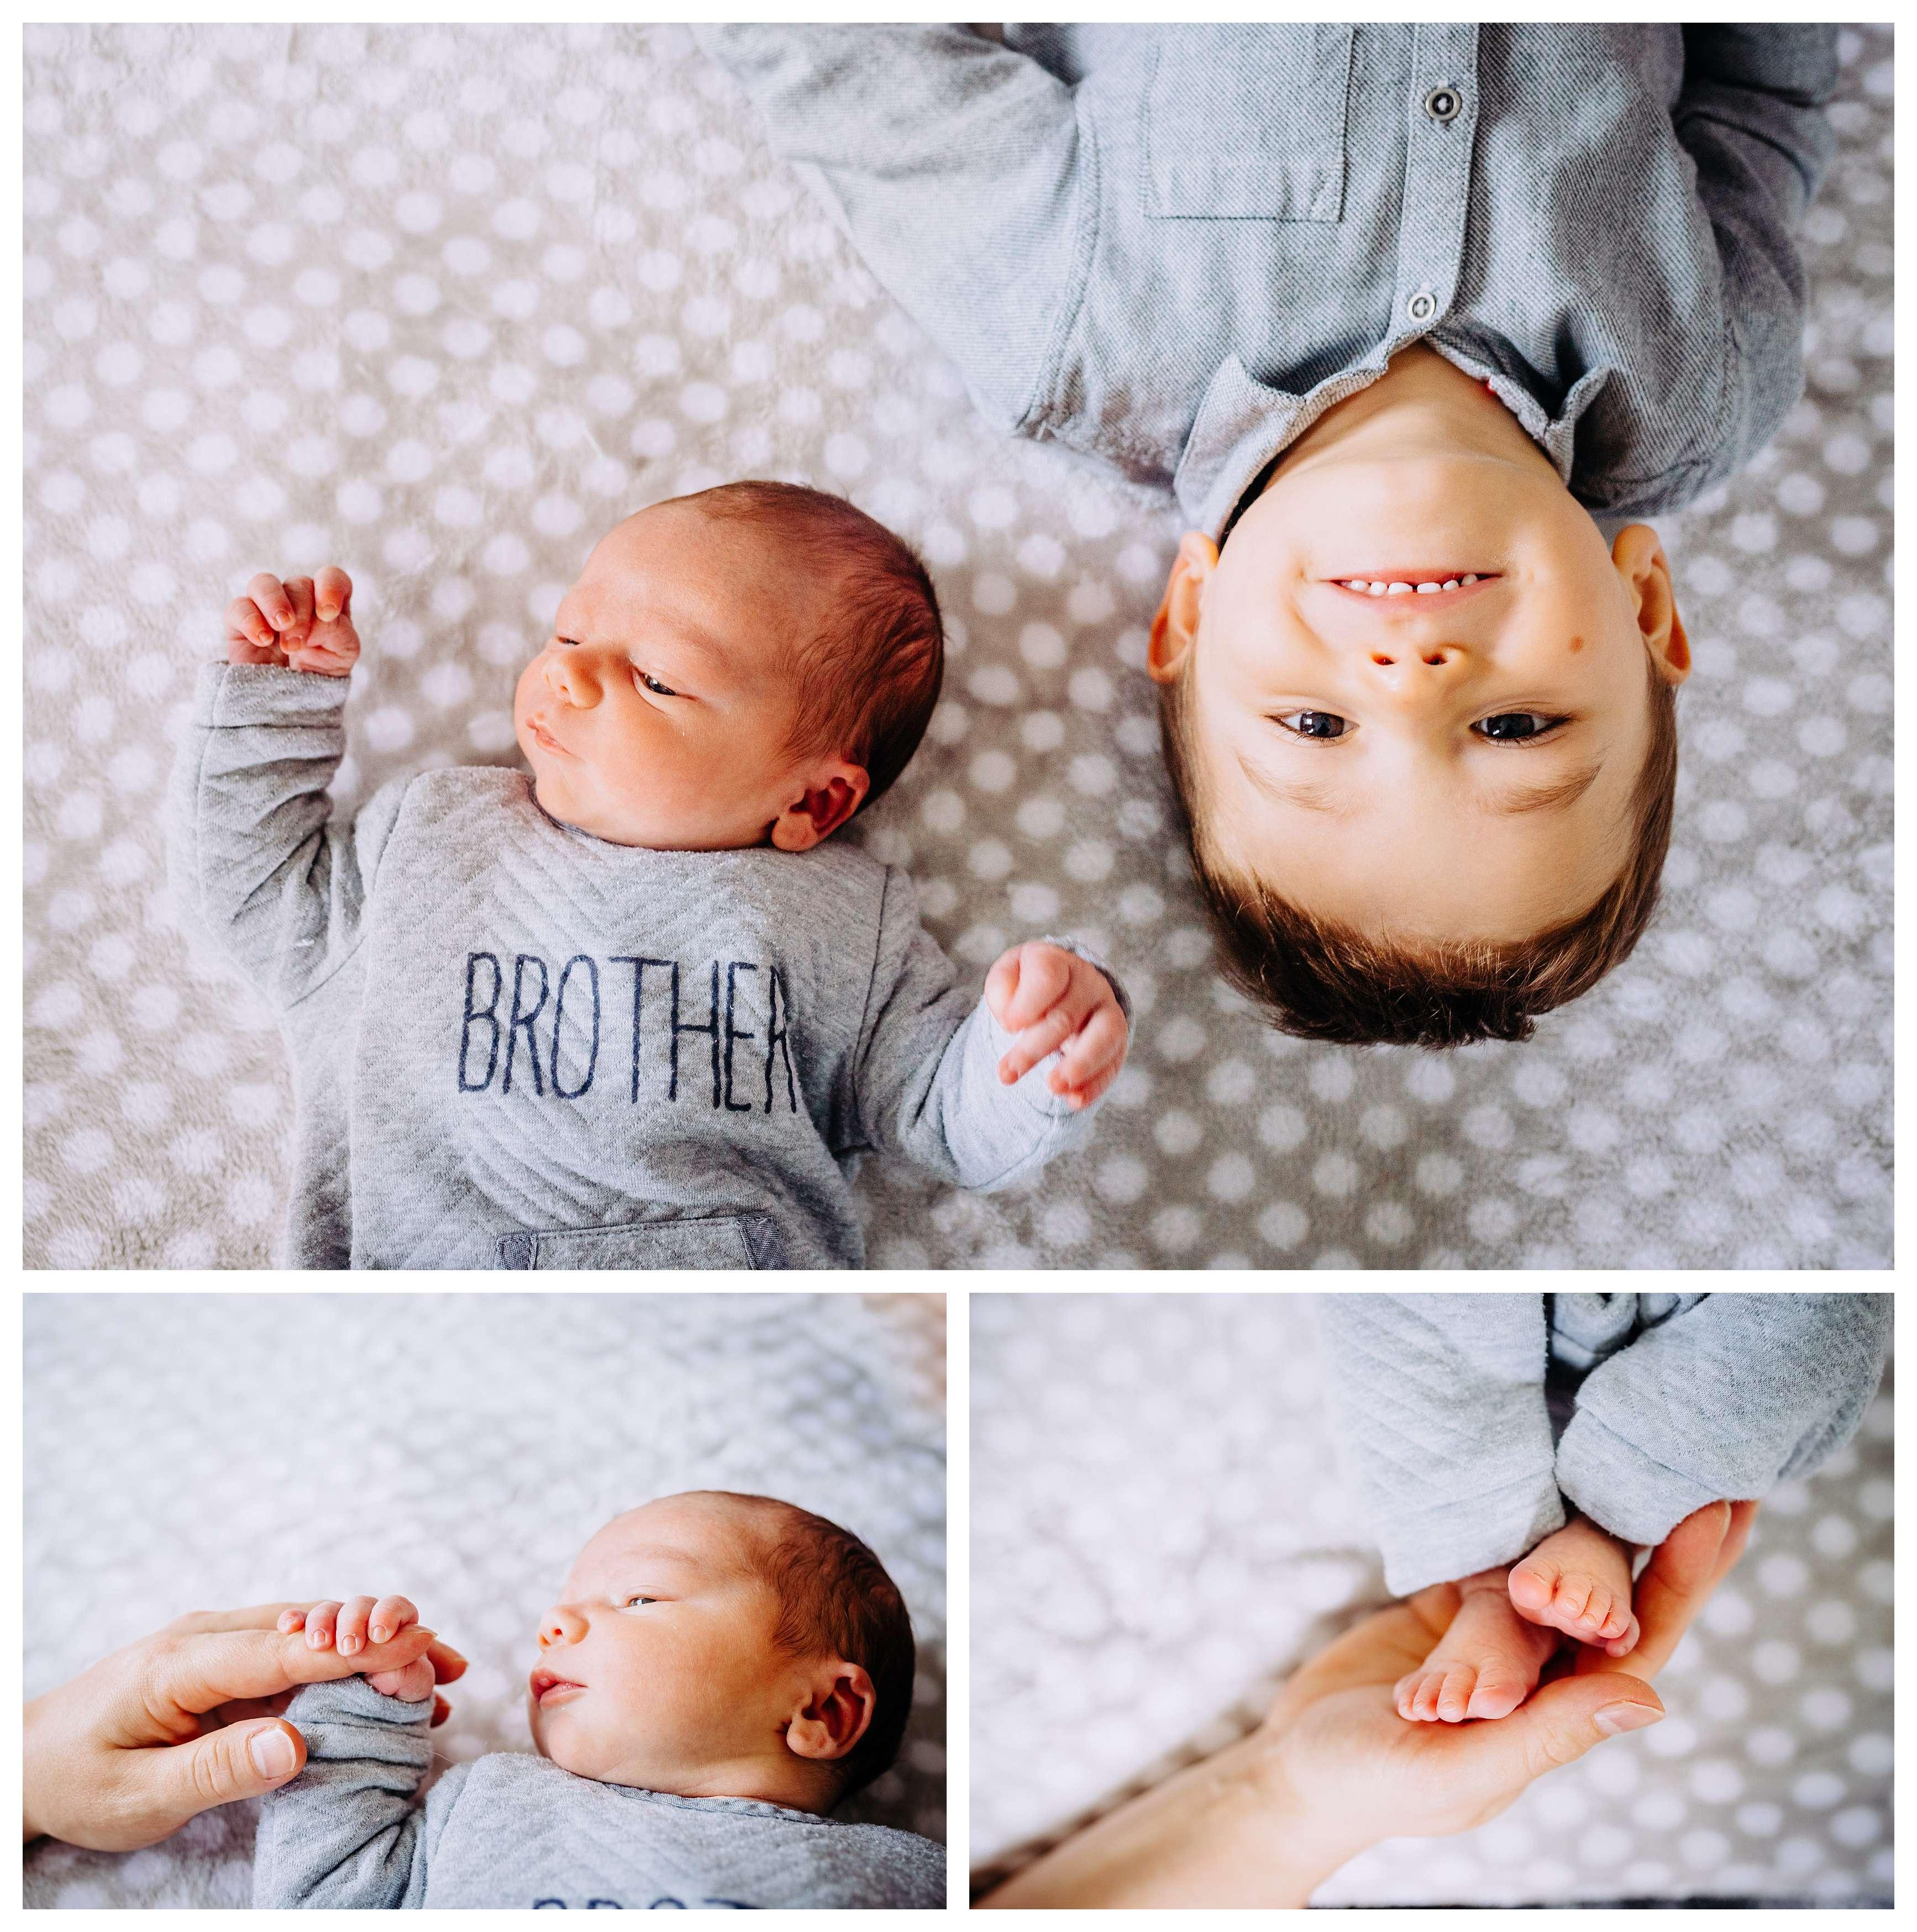 fratrie grand frére et bébé sur couverture grise pour une seance photo nouveau né